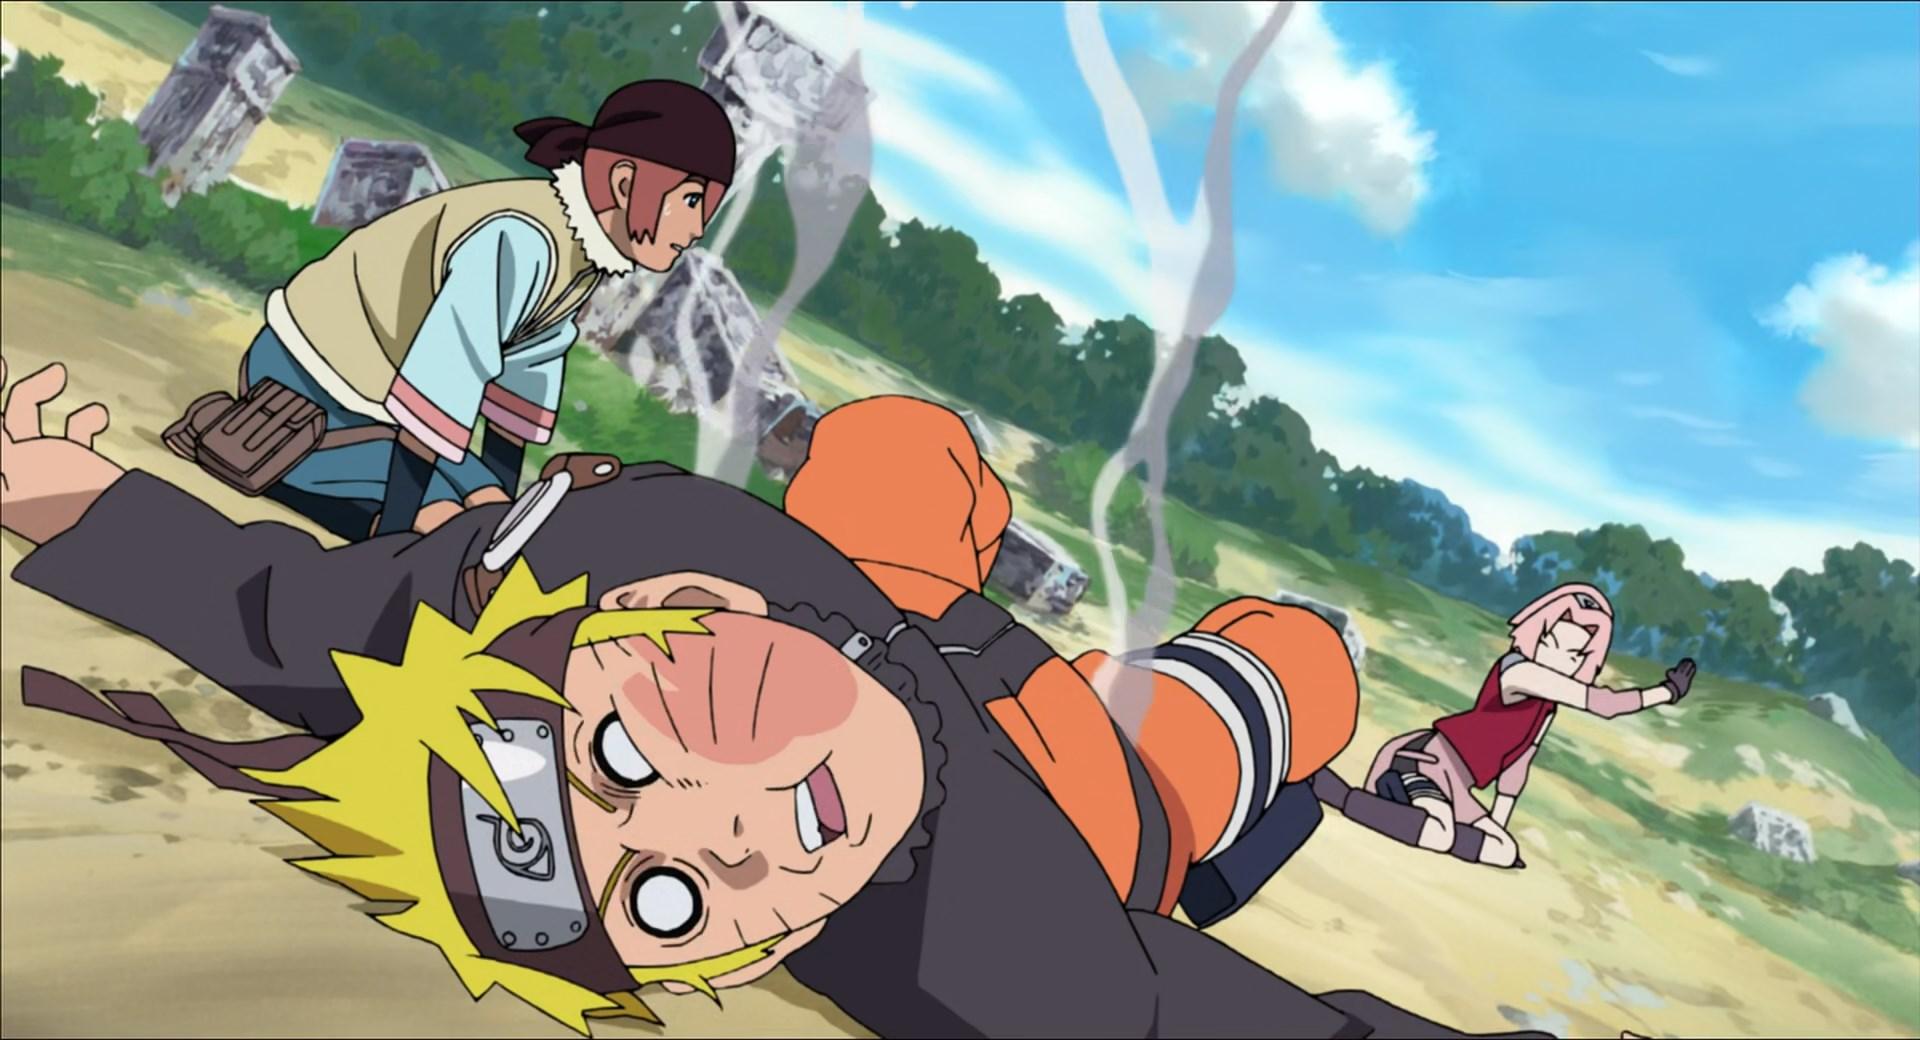 Naruto Shippuden Movie 2 - Kizuna BD 10-Bit Subtitle Indonesia